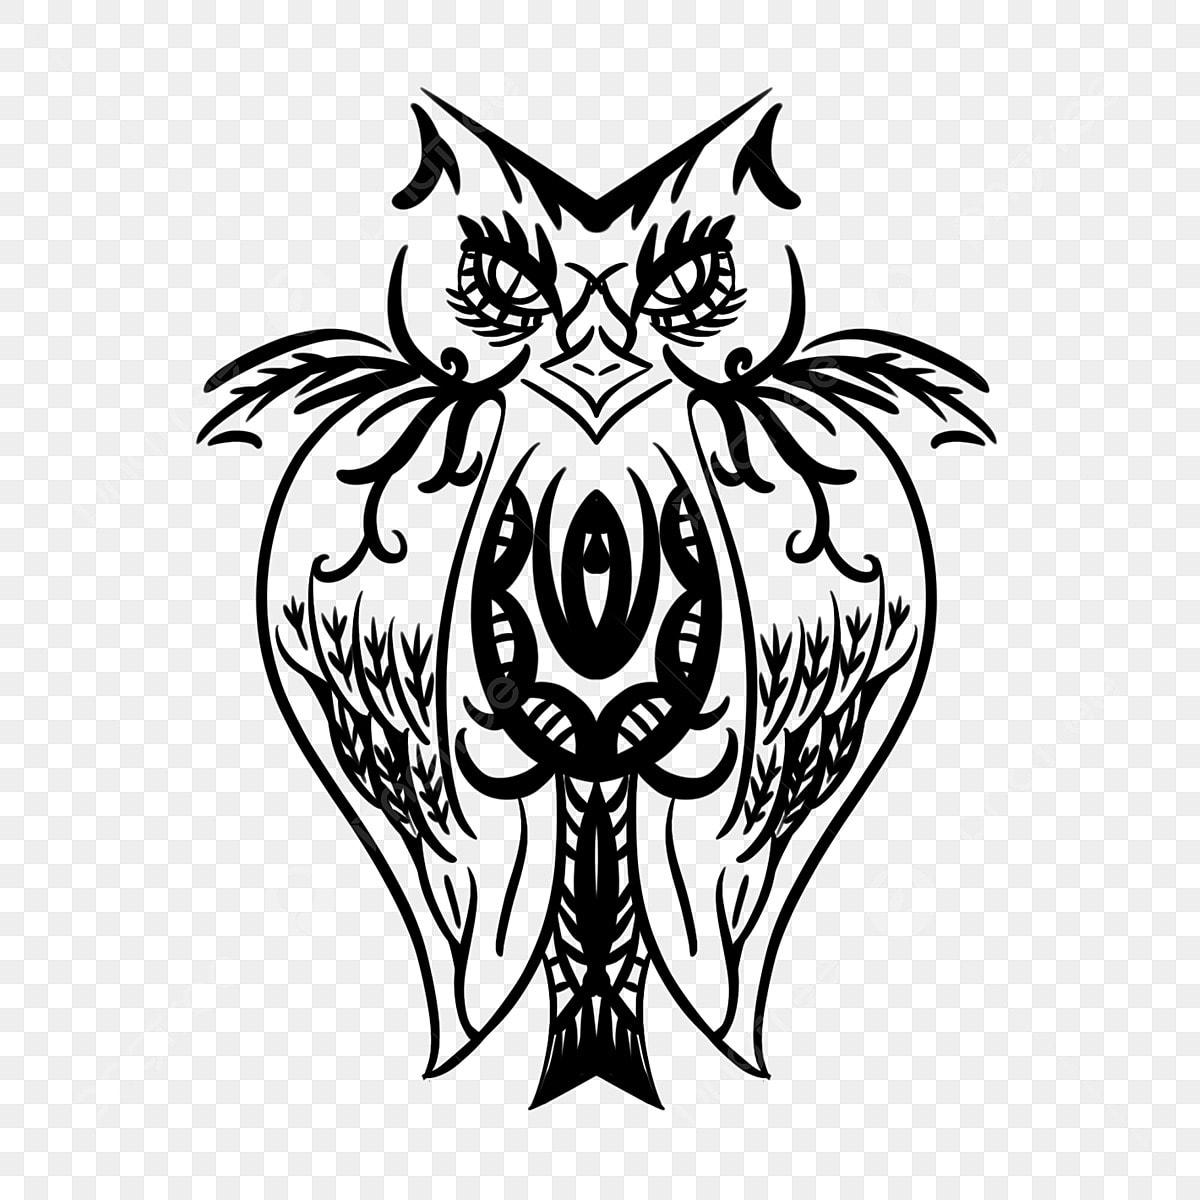 Tatouage Aigle Art De La Mode Modele Motif Tatouage Aigle Modele De Fichier Png Et Psd Pour Le Telechargement Libre